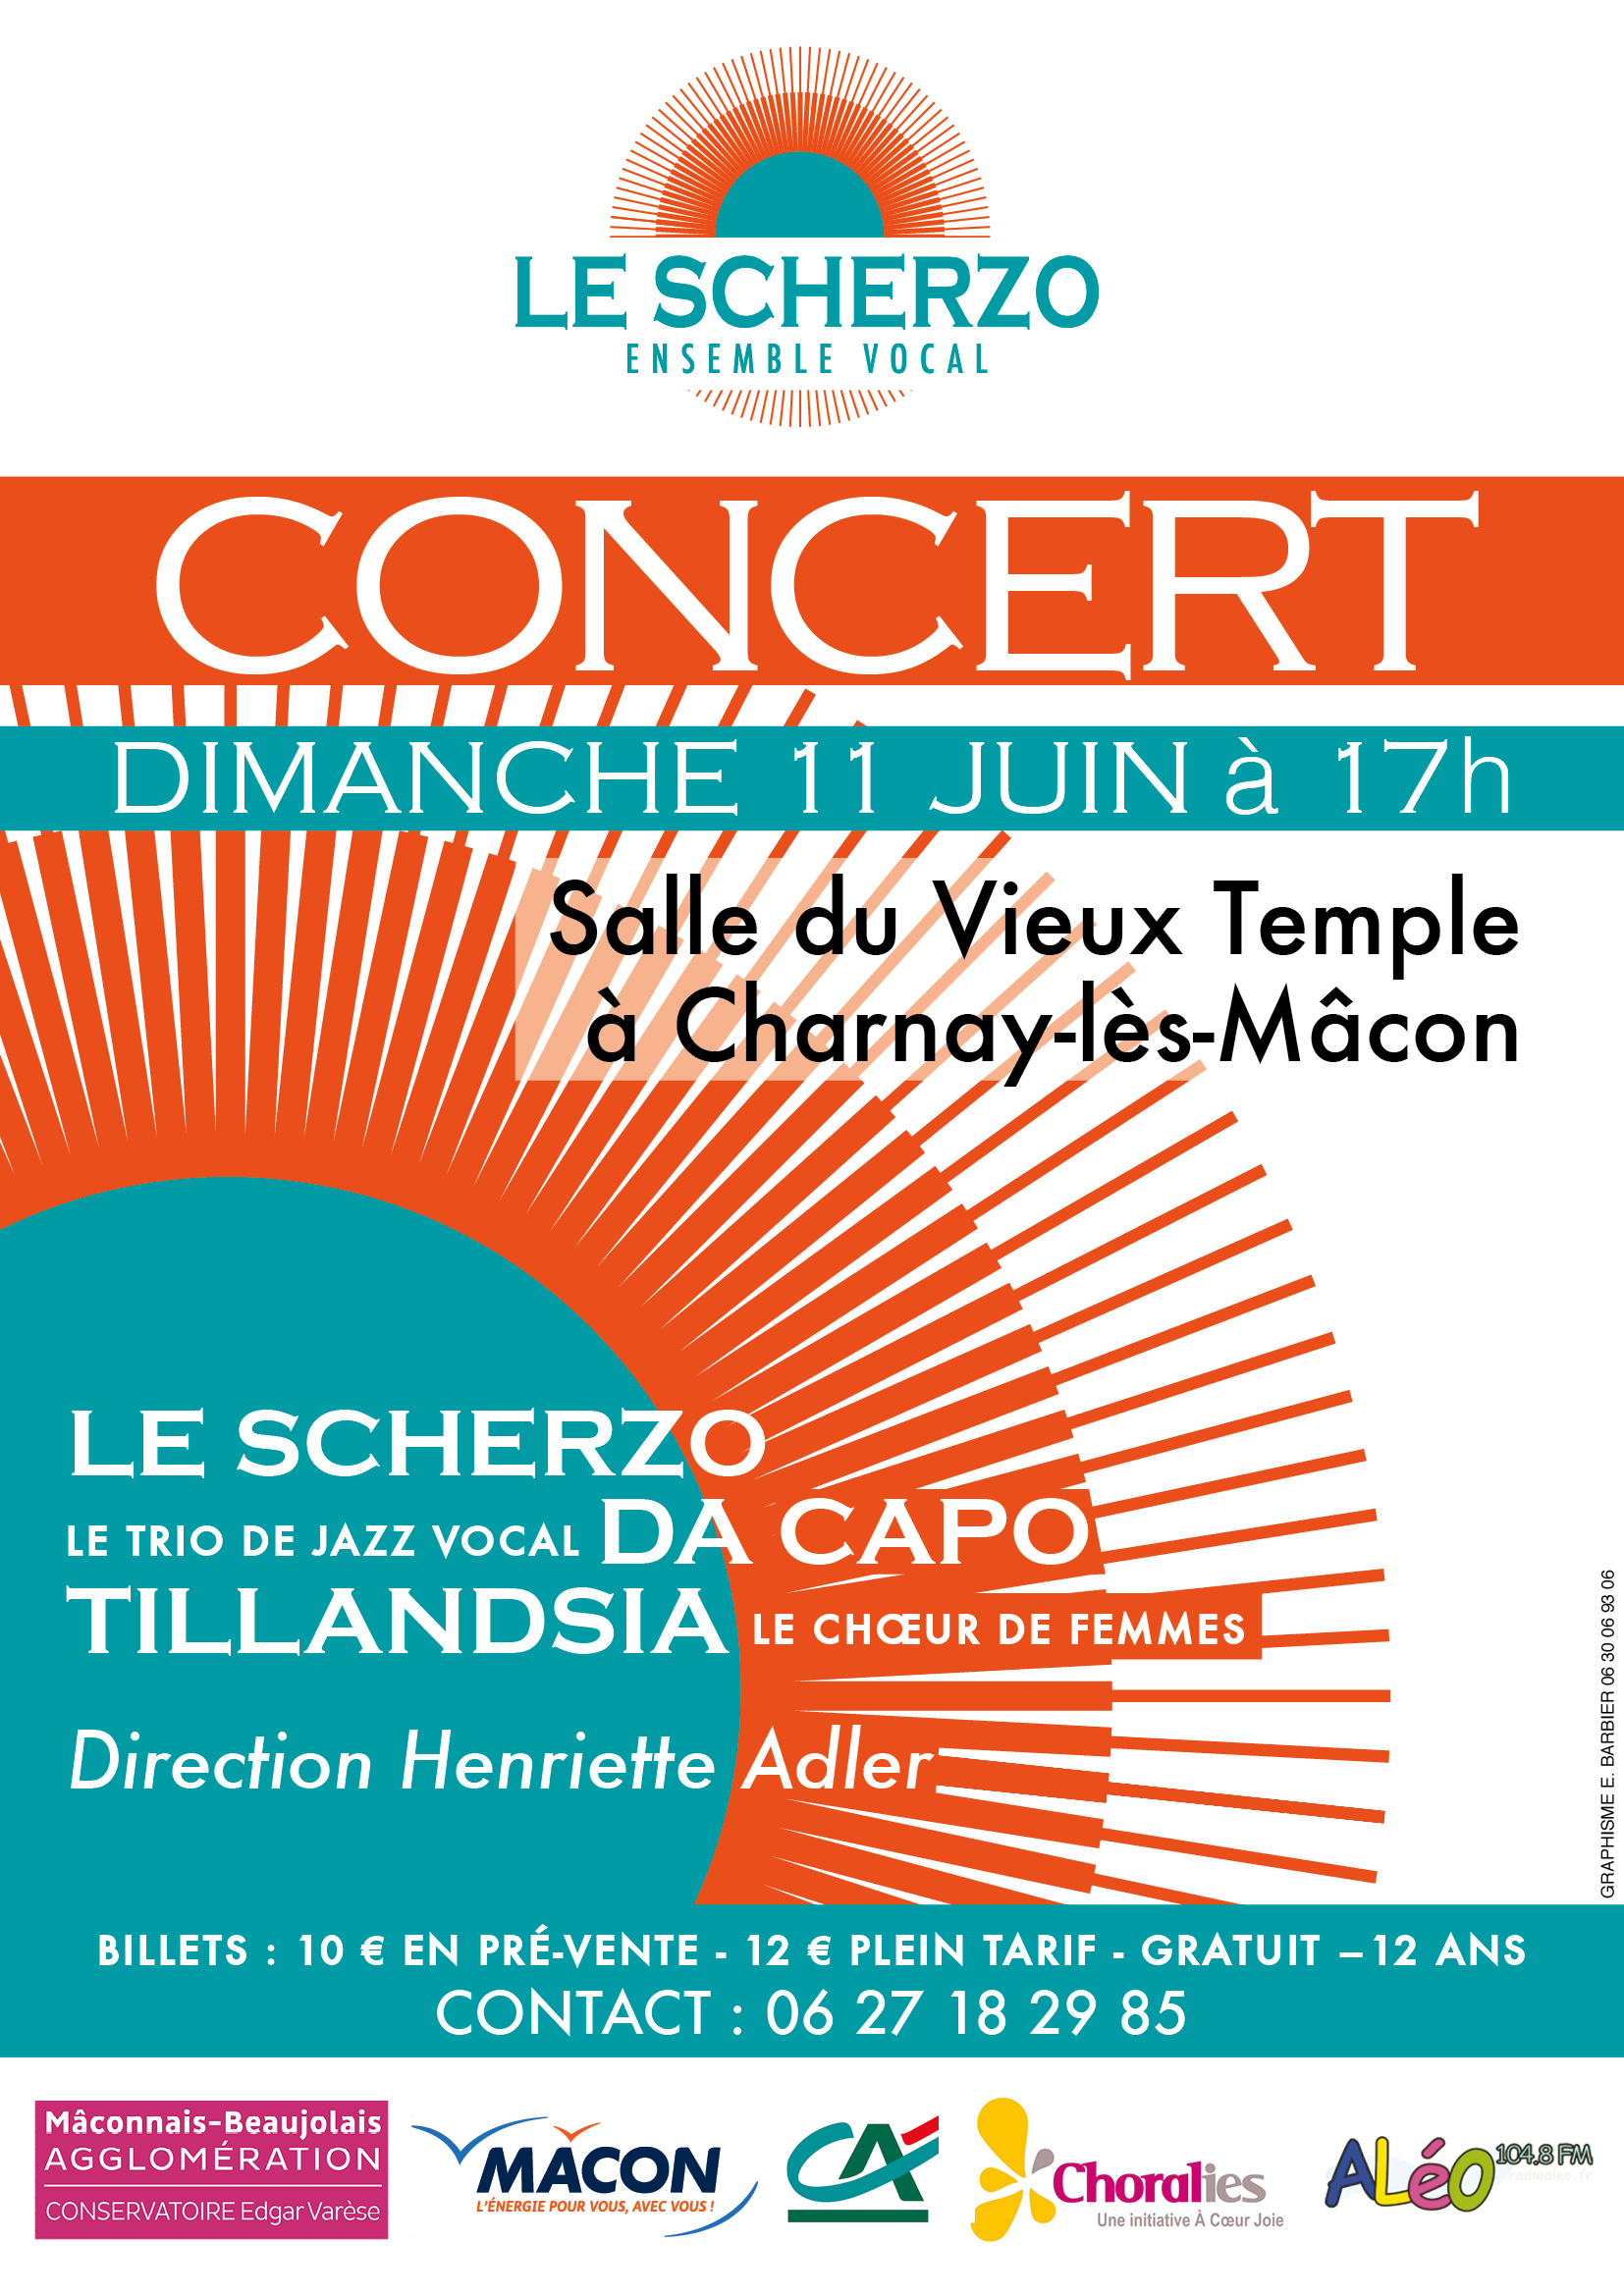 Concert du 11 Juin 2017 @ Salle du vieux Temple Charnay-lès-Mâcon | Charnay-lès-Mâcon | Bourgogne Franche-Comté | France